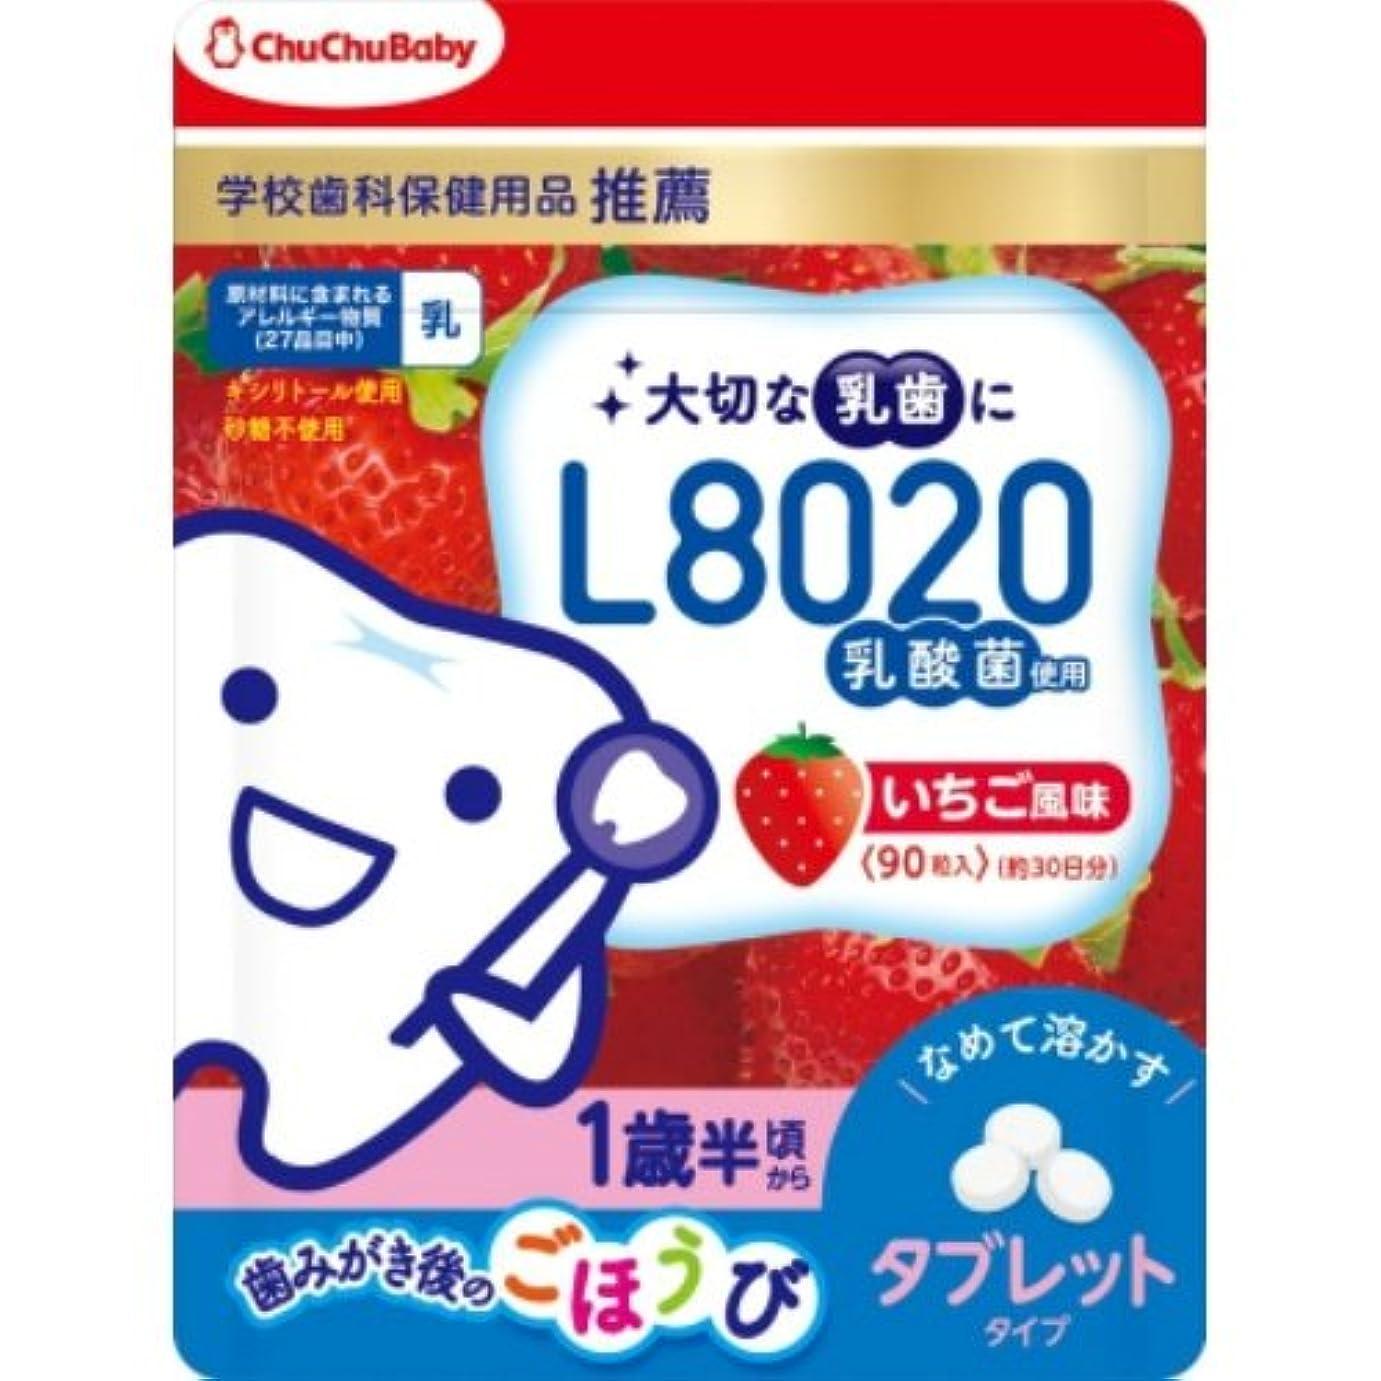 落ち着いた動的ズームインするL8020乳酸菌チュチュベビータブレットいちご風味 × 5個セット